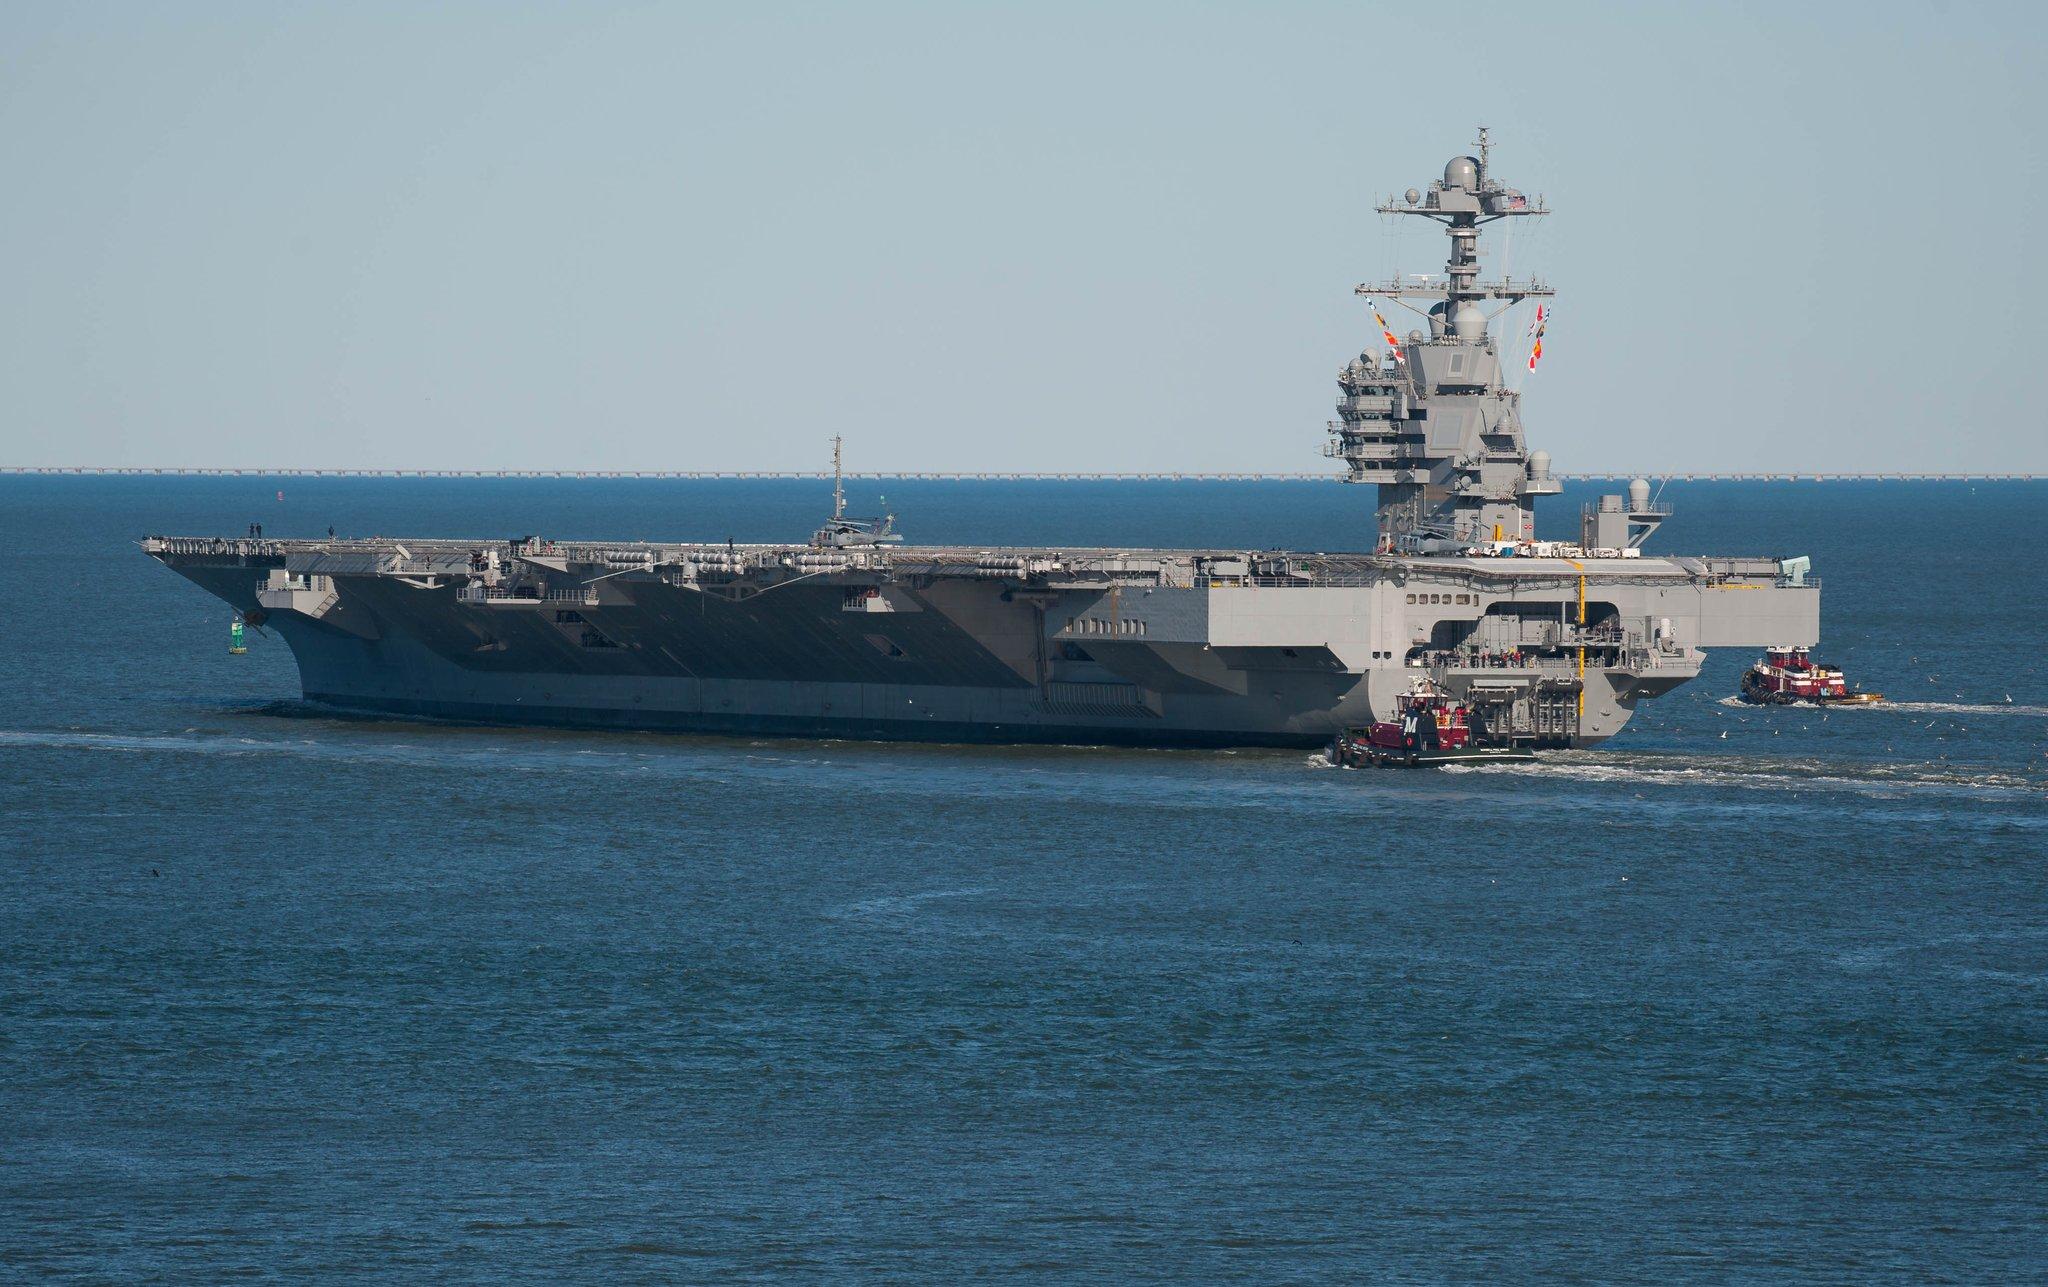 美國HII工業New Port News造船廠:美國海軍Gerald R. Ford級USS Gerald R. Ford (CVN-78)福特號航空母艦-開始海上測試作業 @ 阿 ...